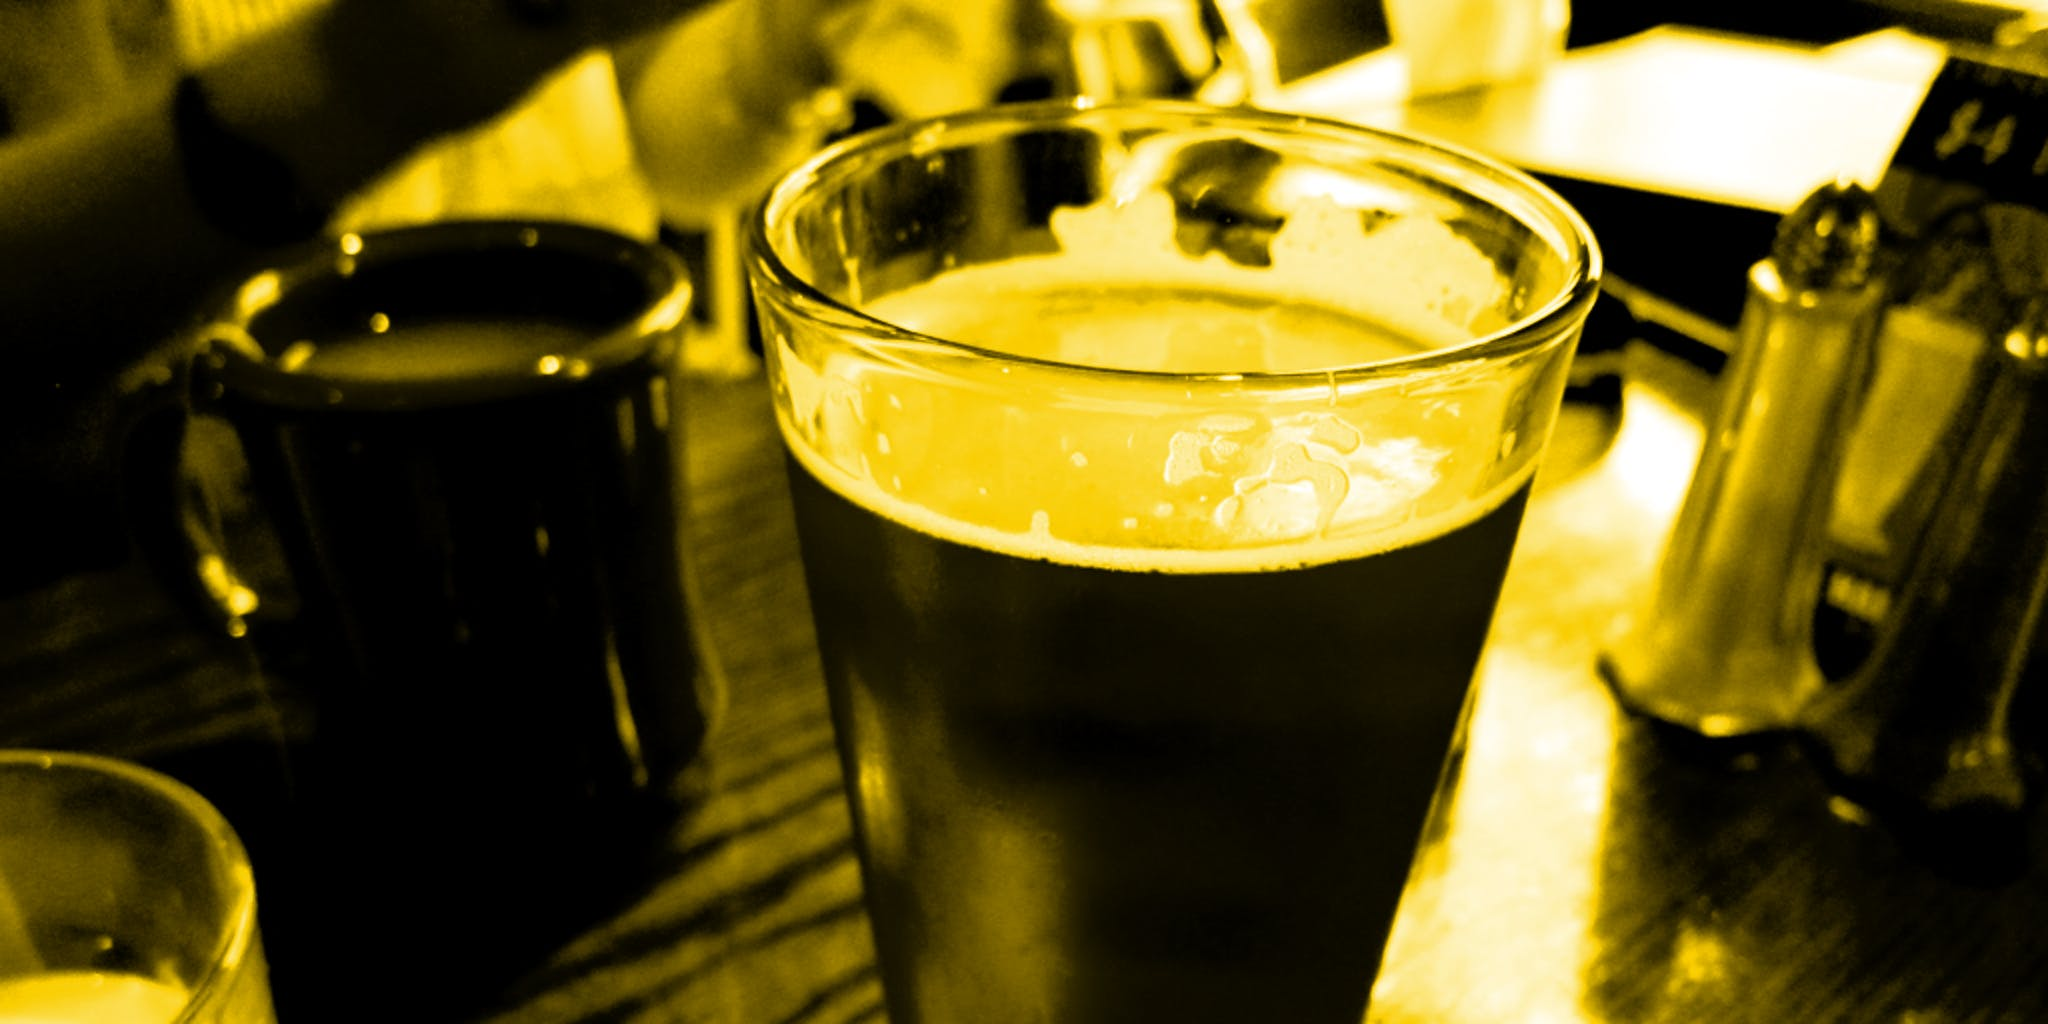 Beer, front